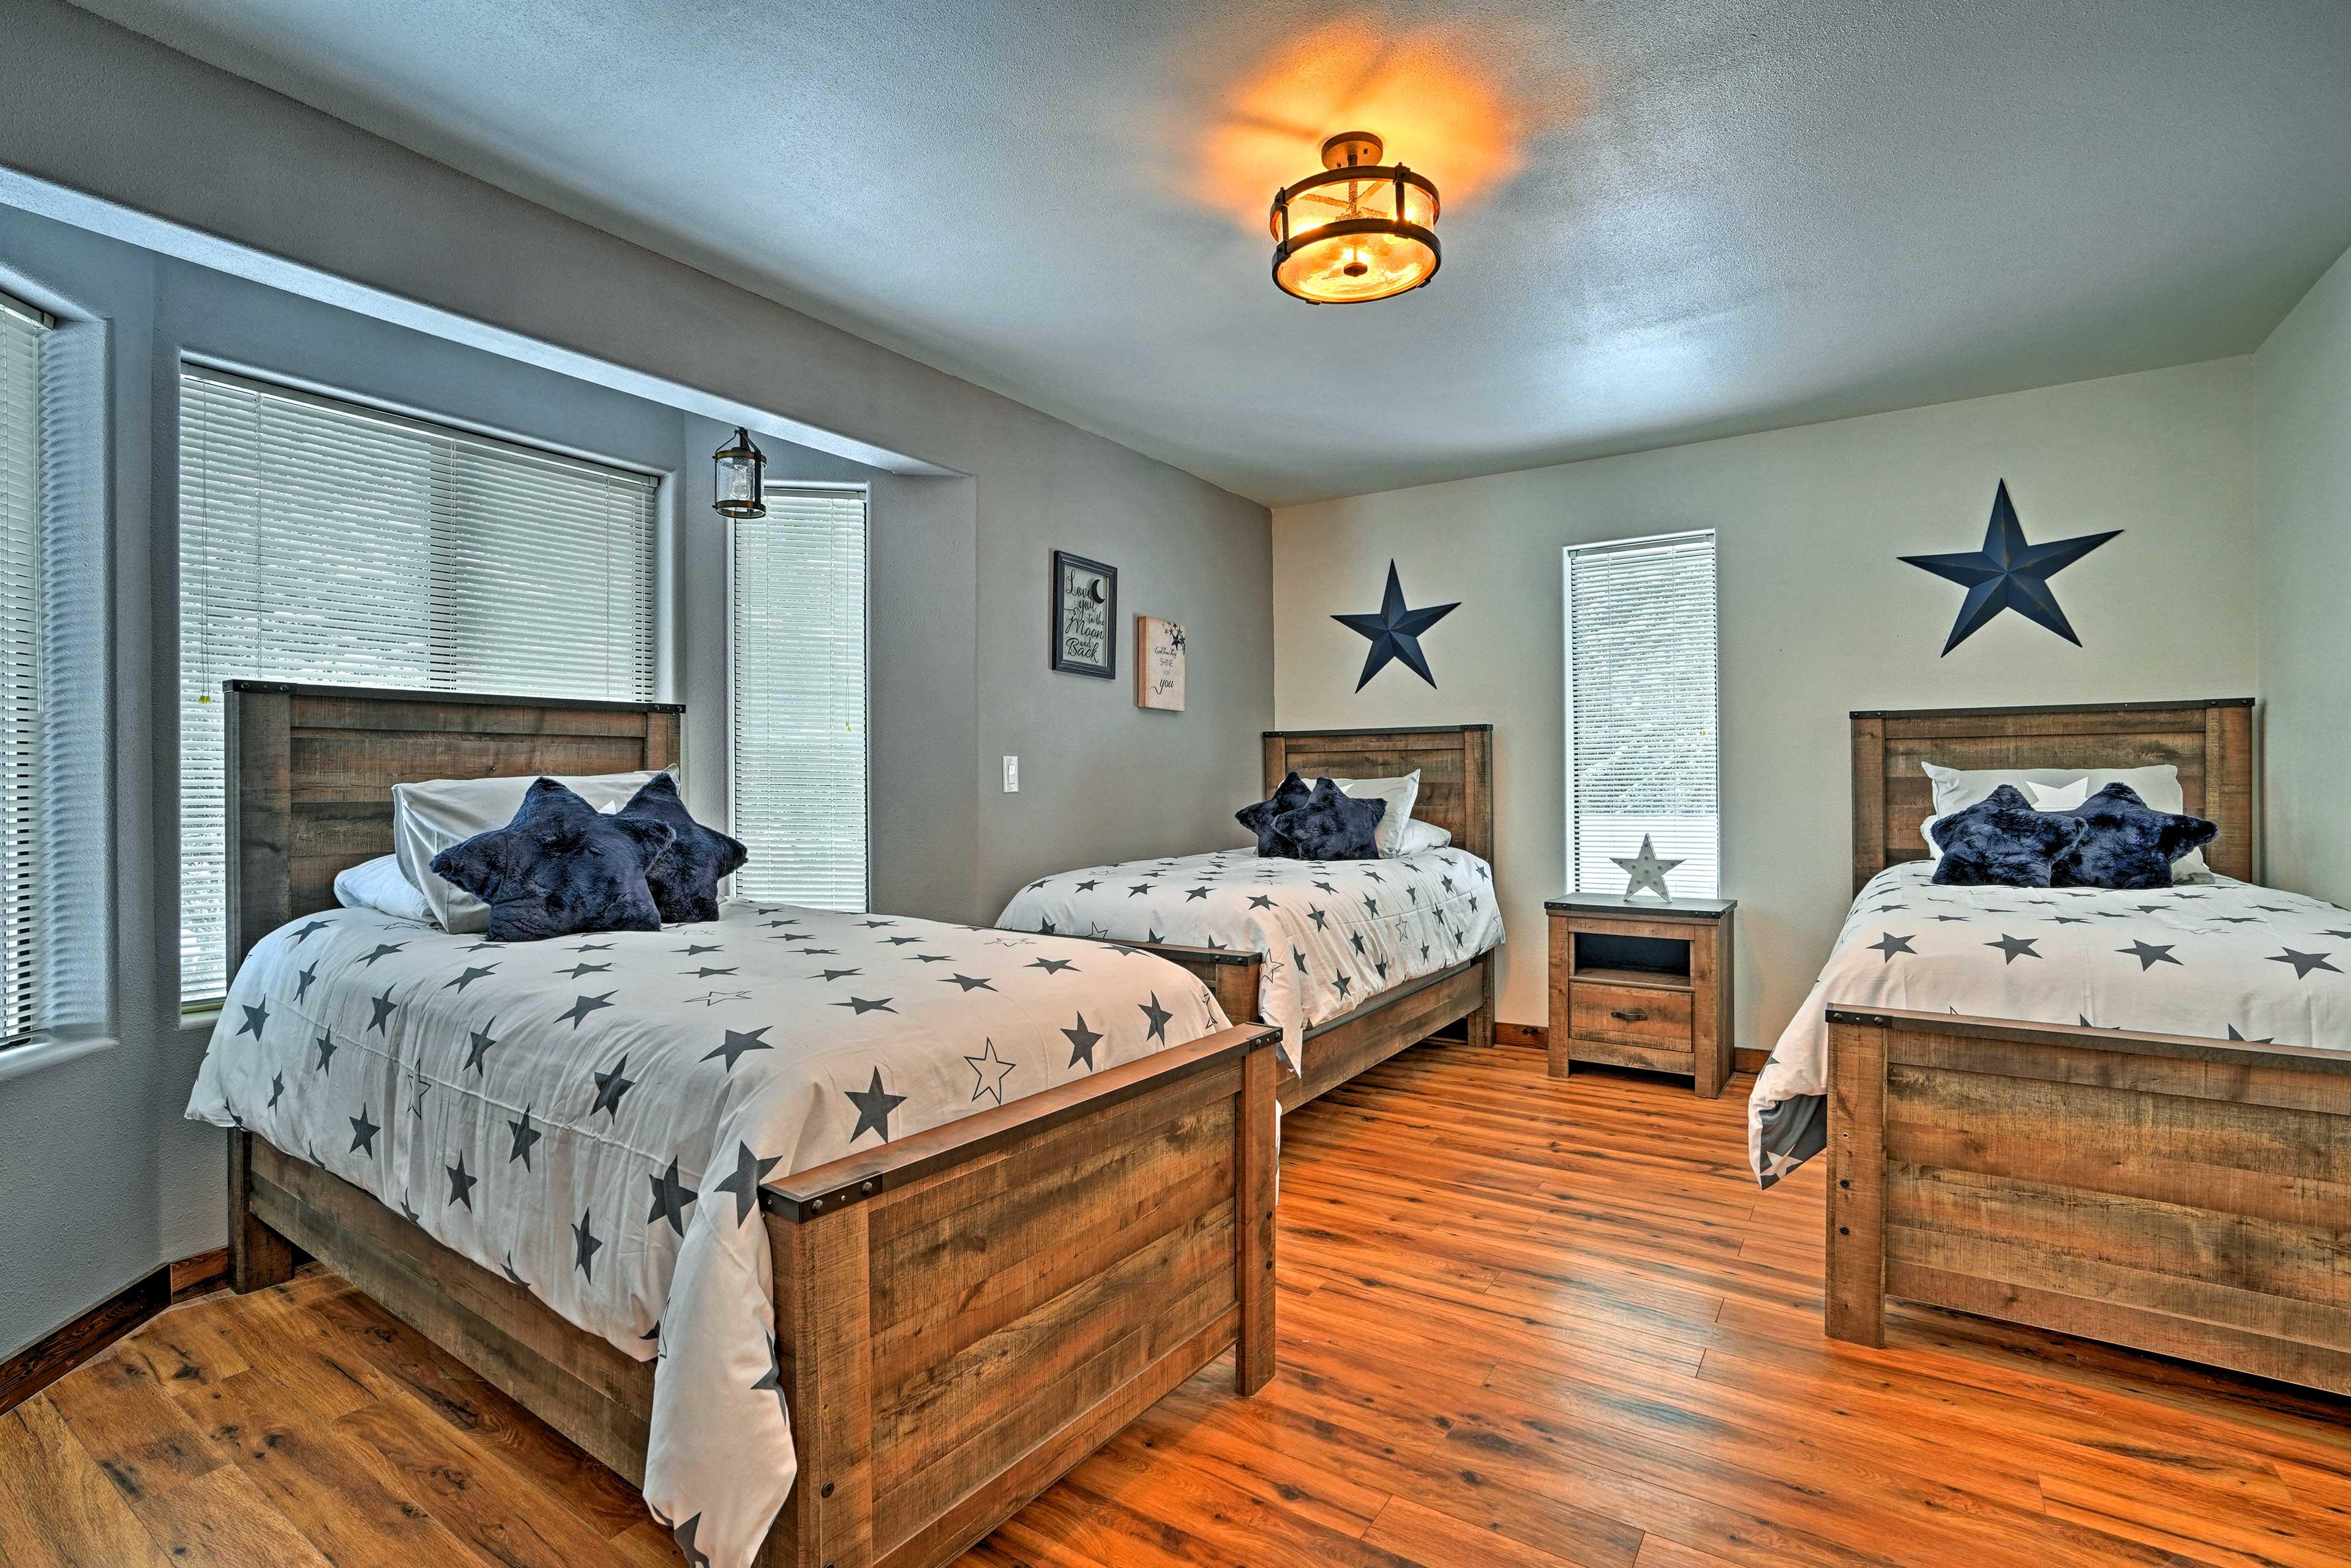 Bedroom 4 | 3 Twin Beds